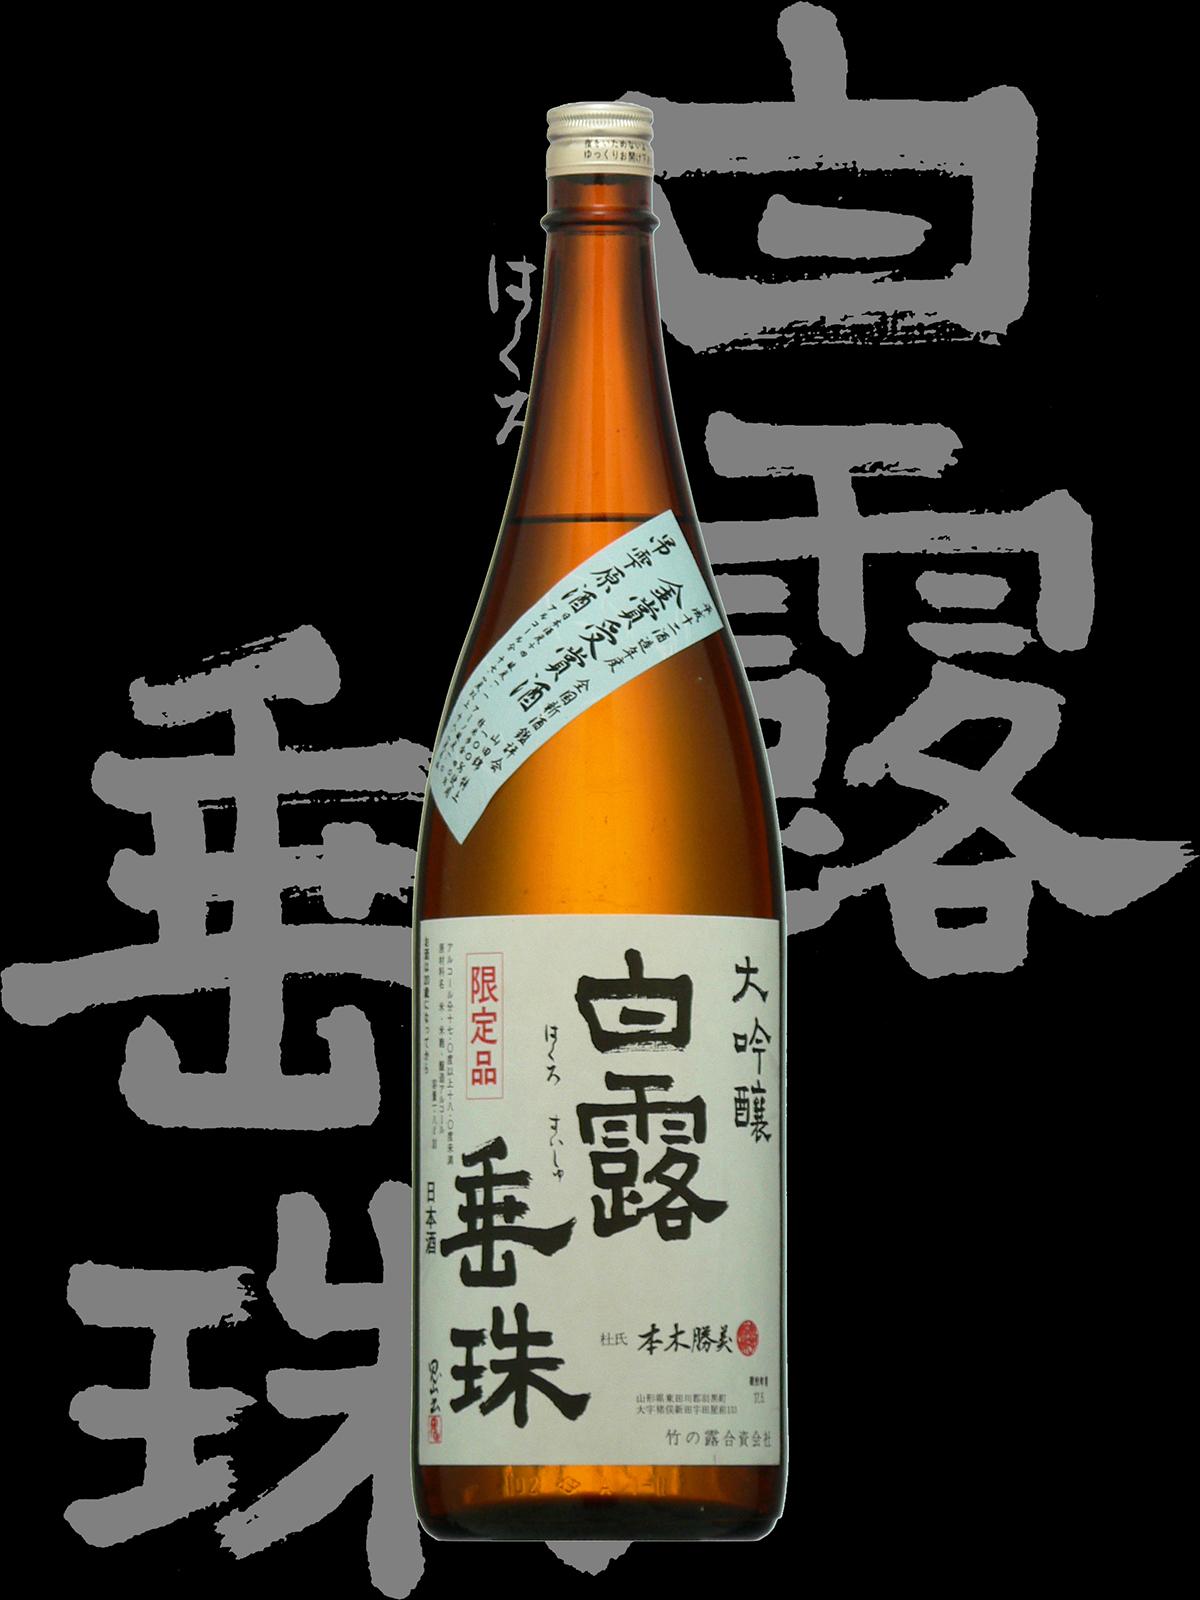 白露垂珠(はくろすいしゅ)「大吟醸」山田錦金賞受賞酒H12BY